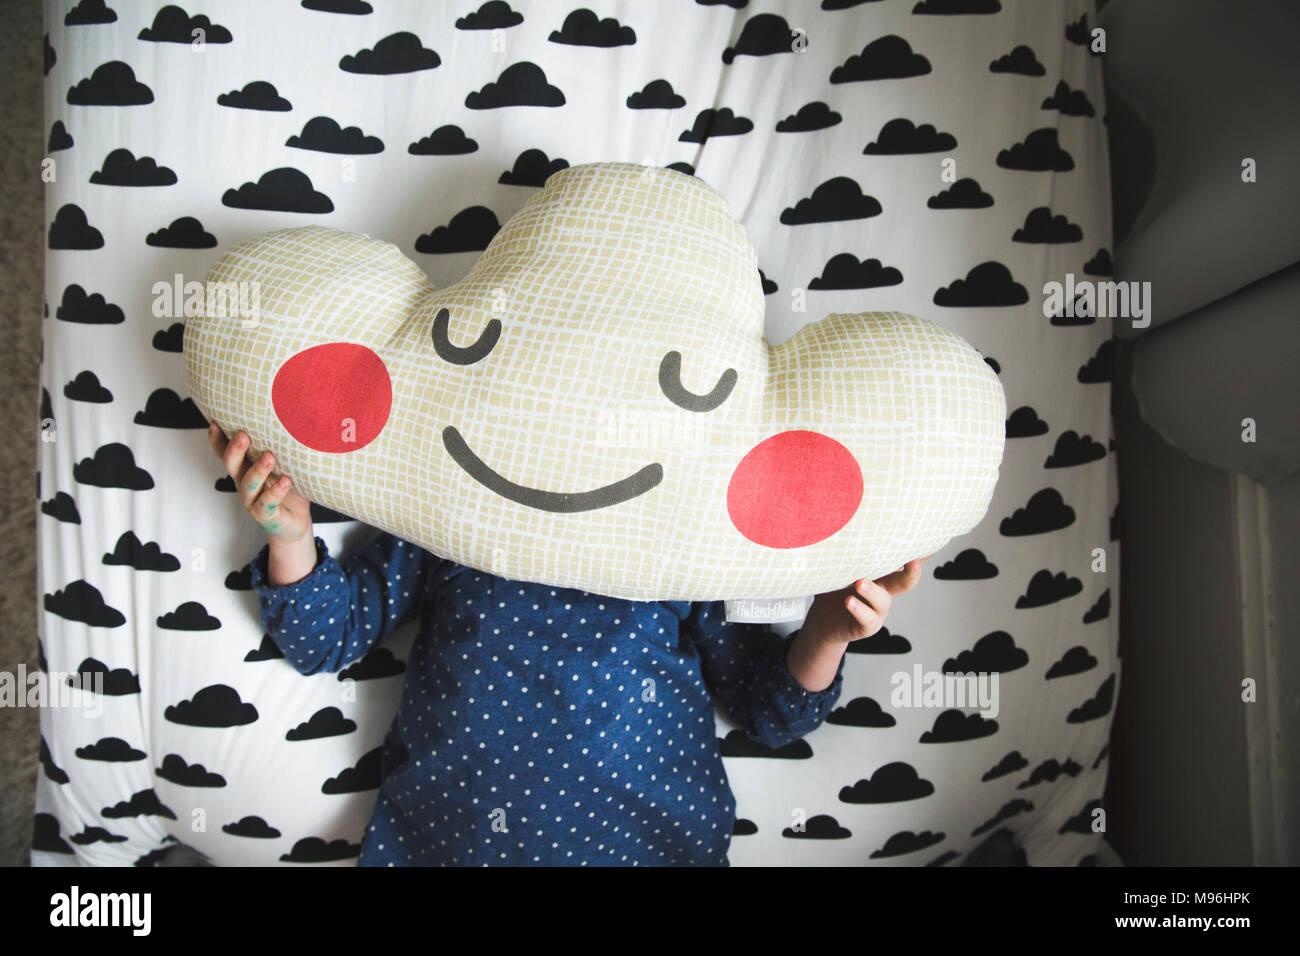 Ragazza la posa sul letto con cuscino cloud oltre il suo volto Foto Stock